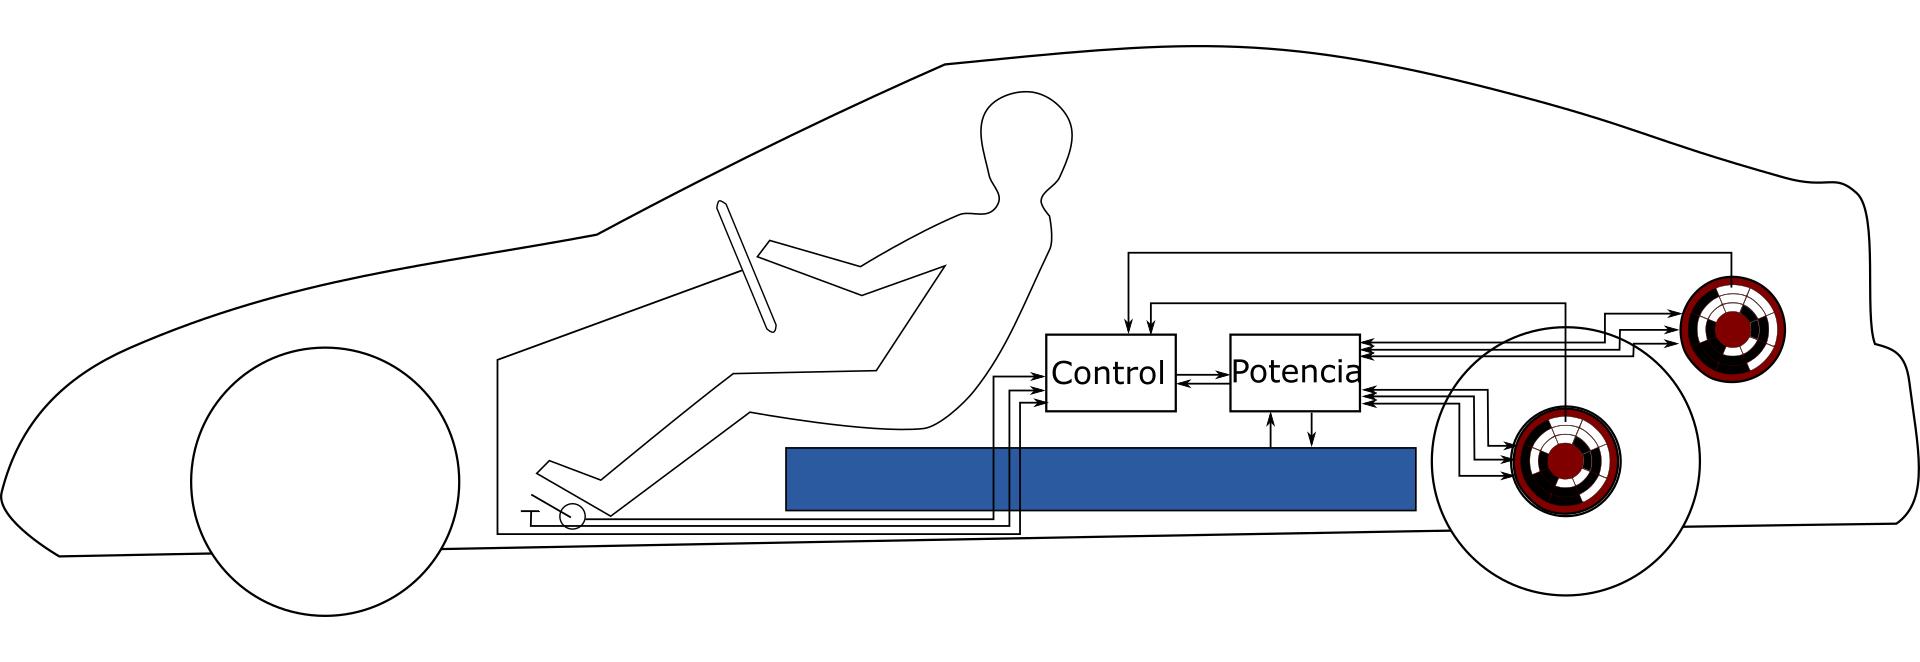 Control Cuarta aproximación